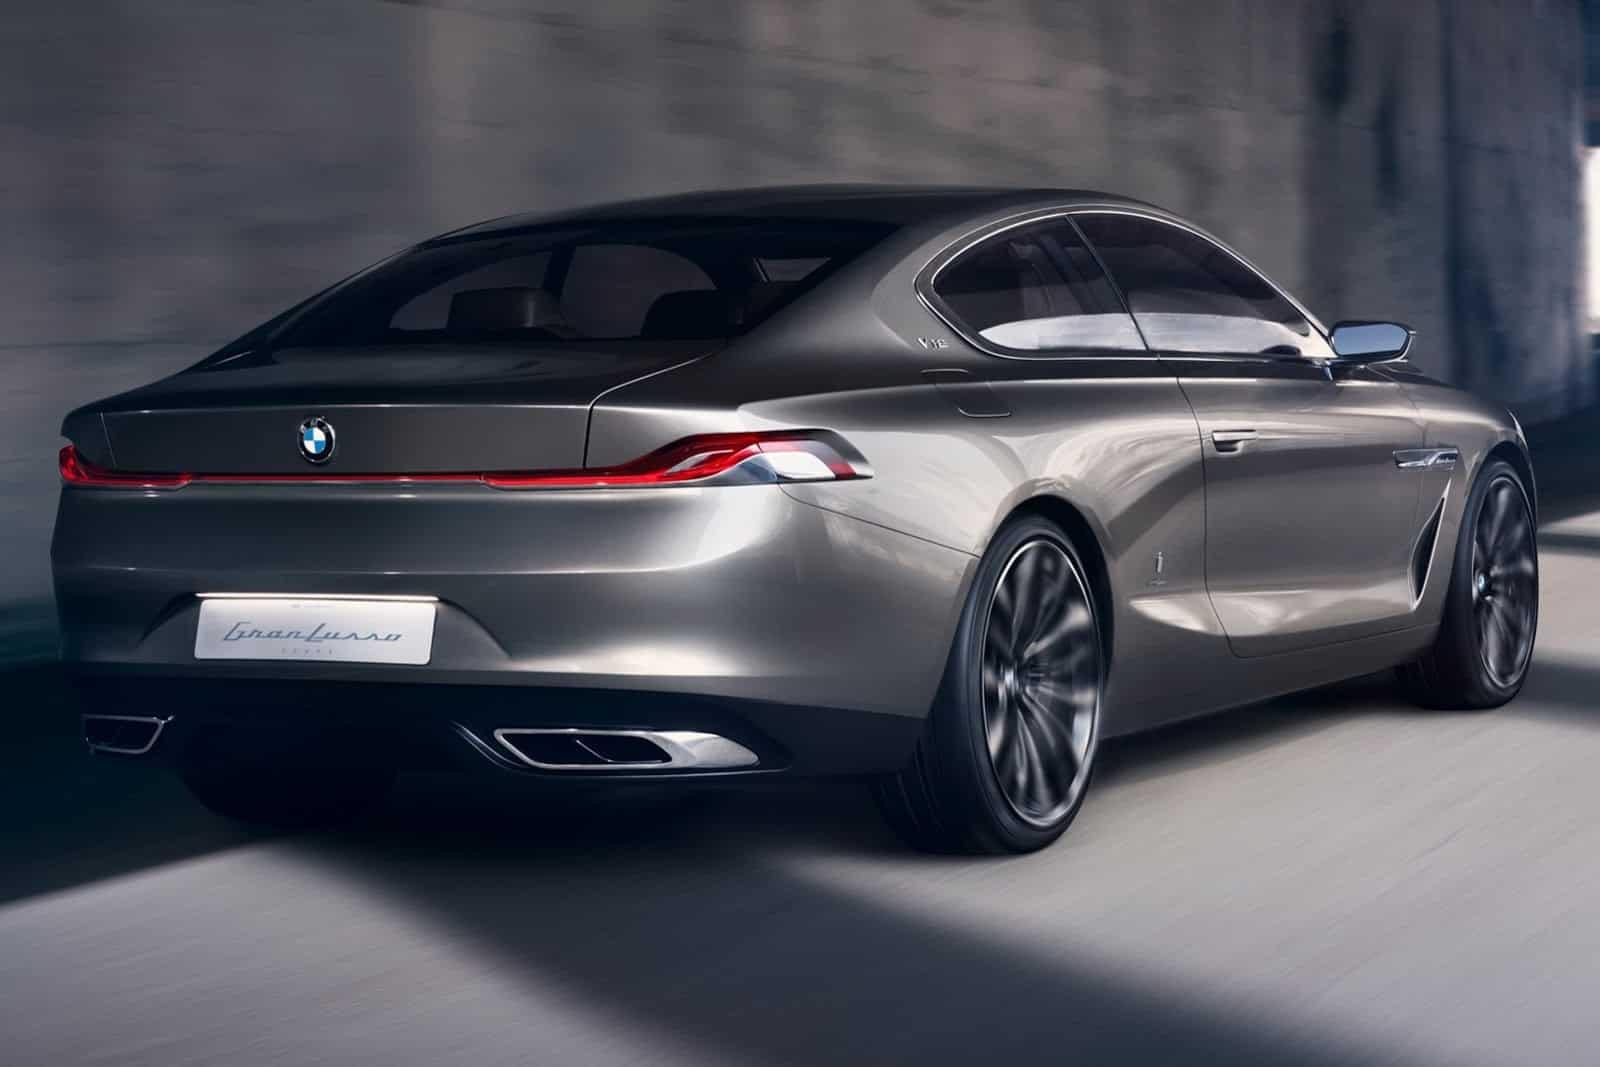 ¡Gran noticia! BMW reviviría la Serie 8 con un nuevo modelo de lujo